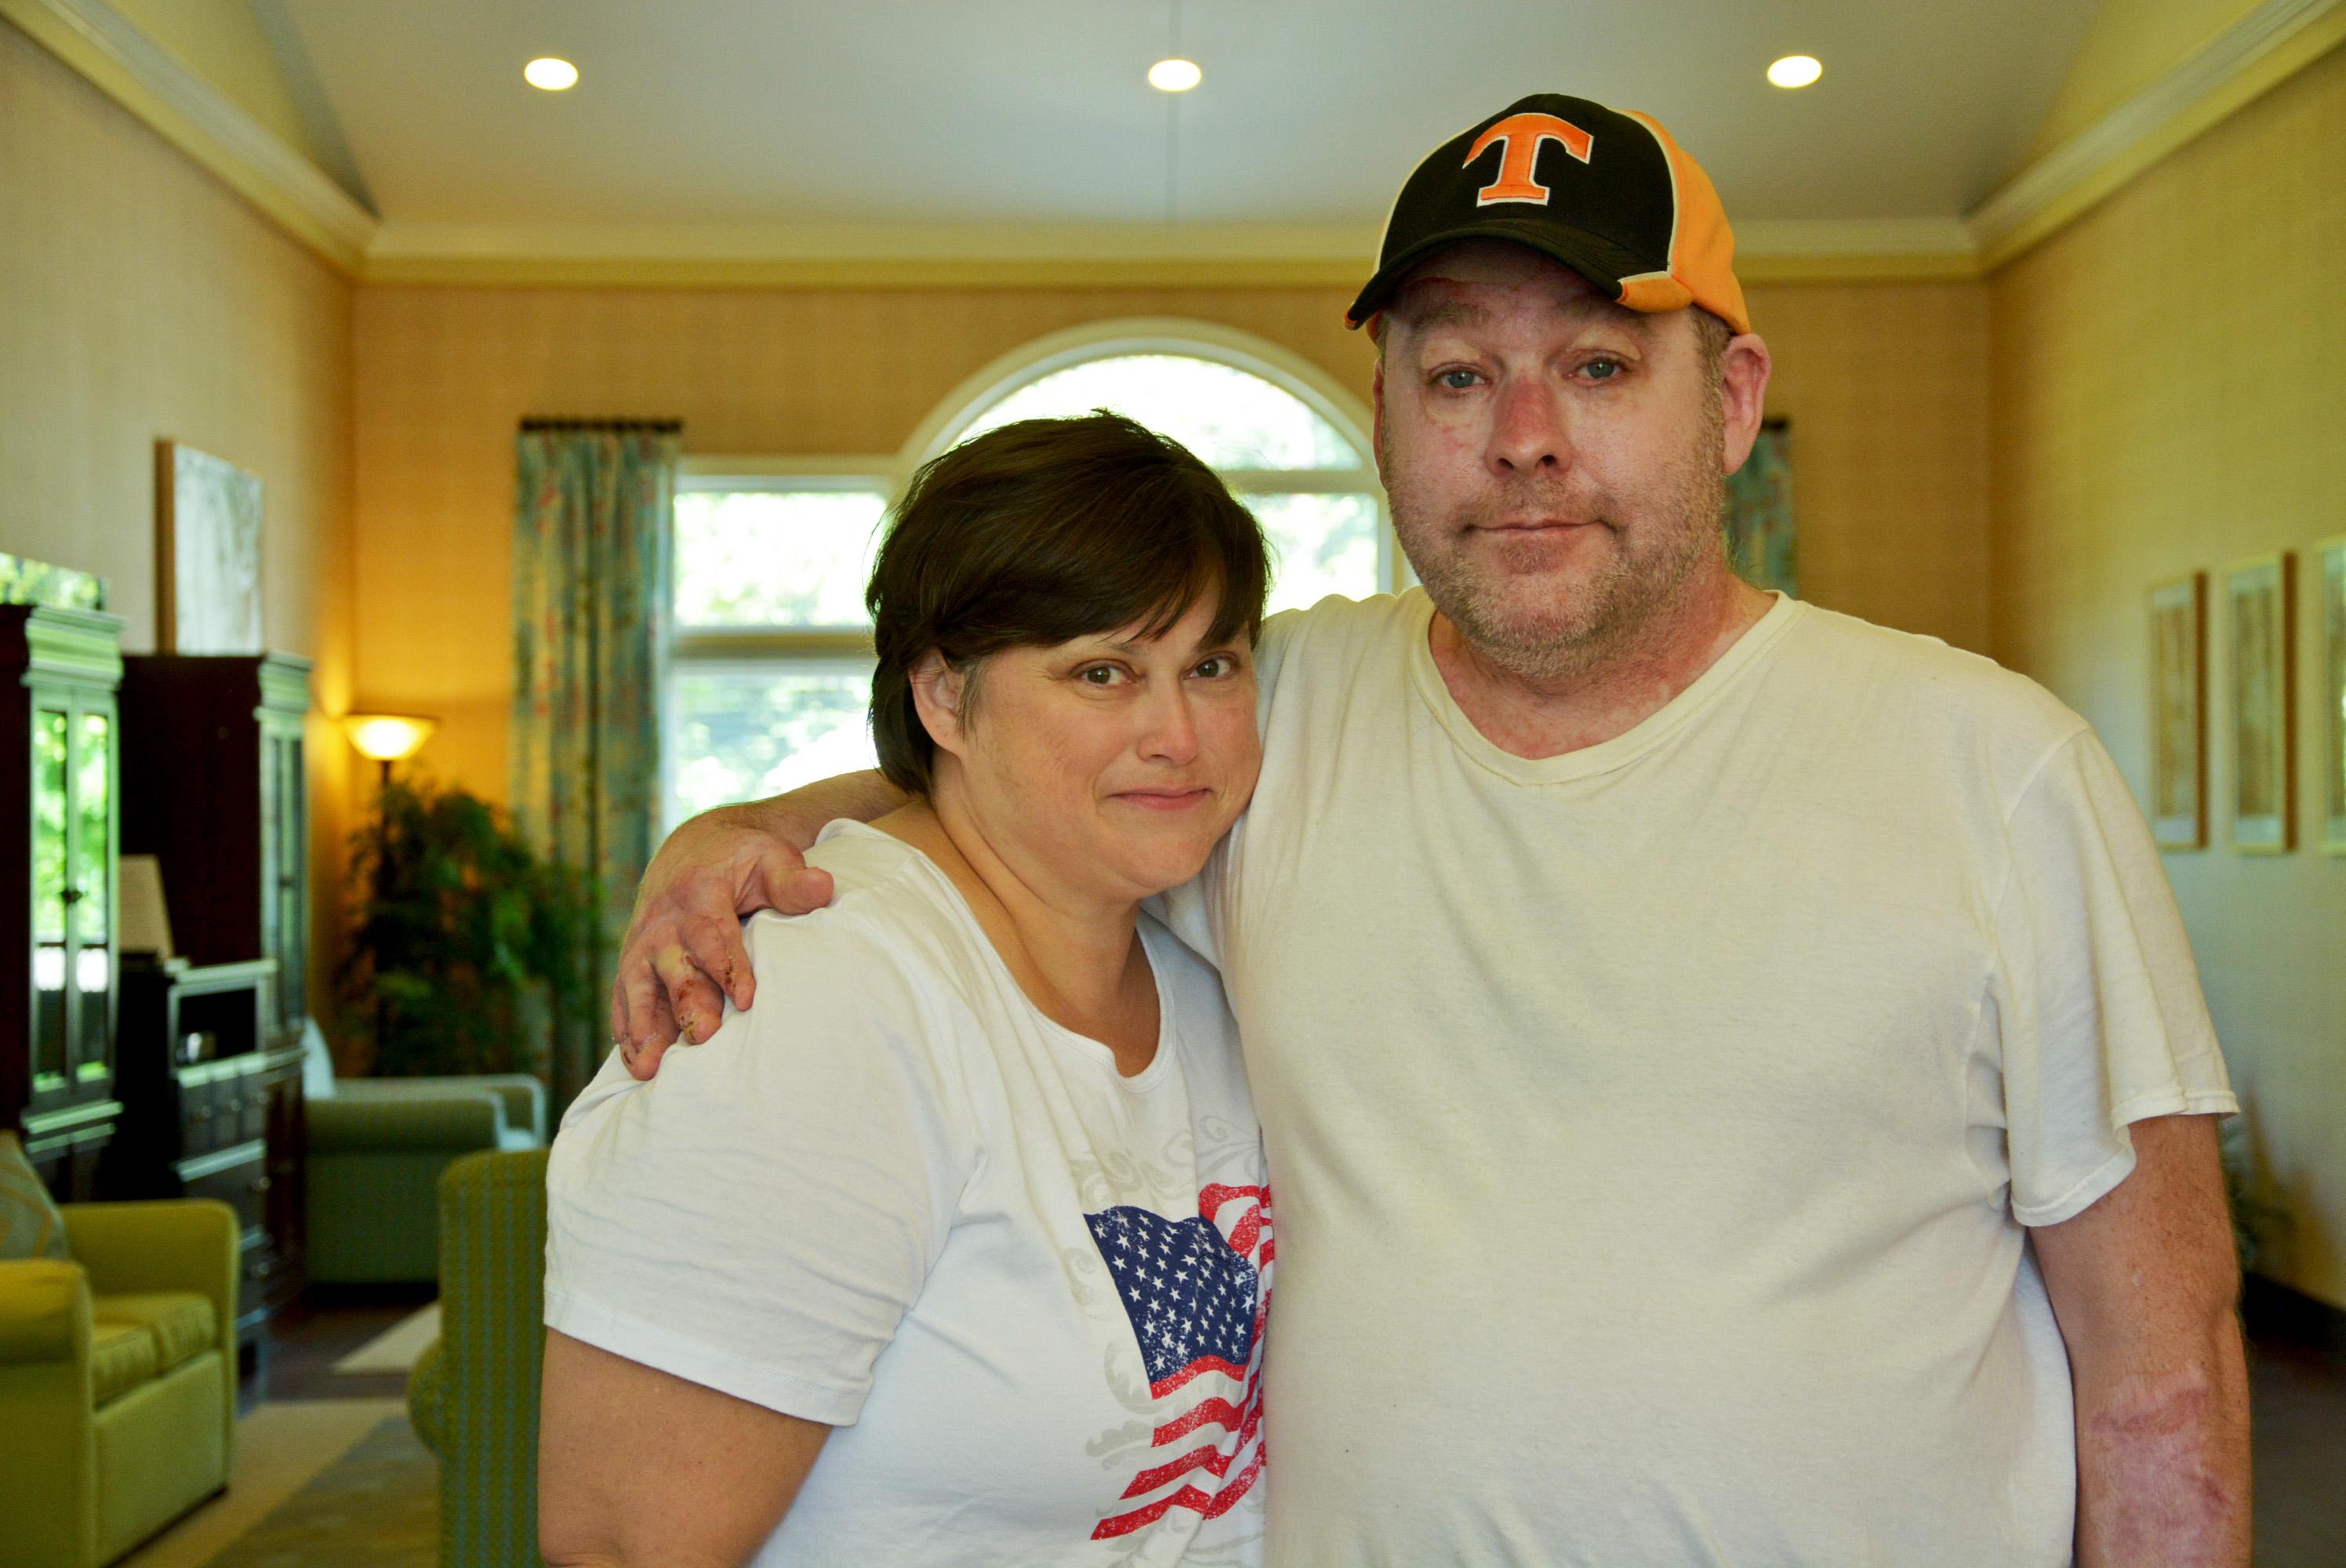 Karen Clark and John Middleton of Johnson City, TN